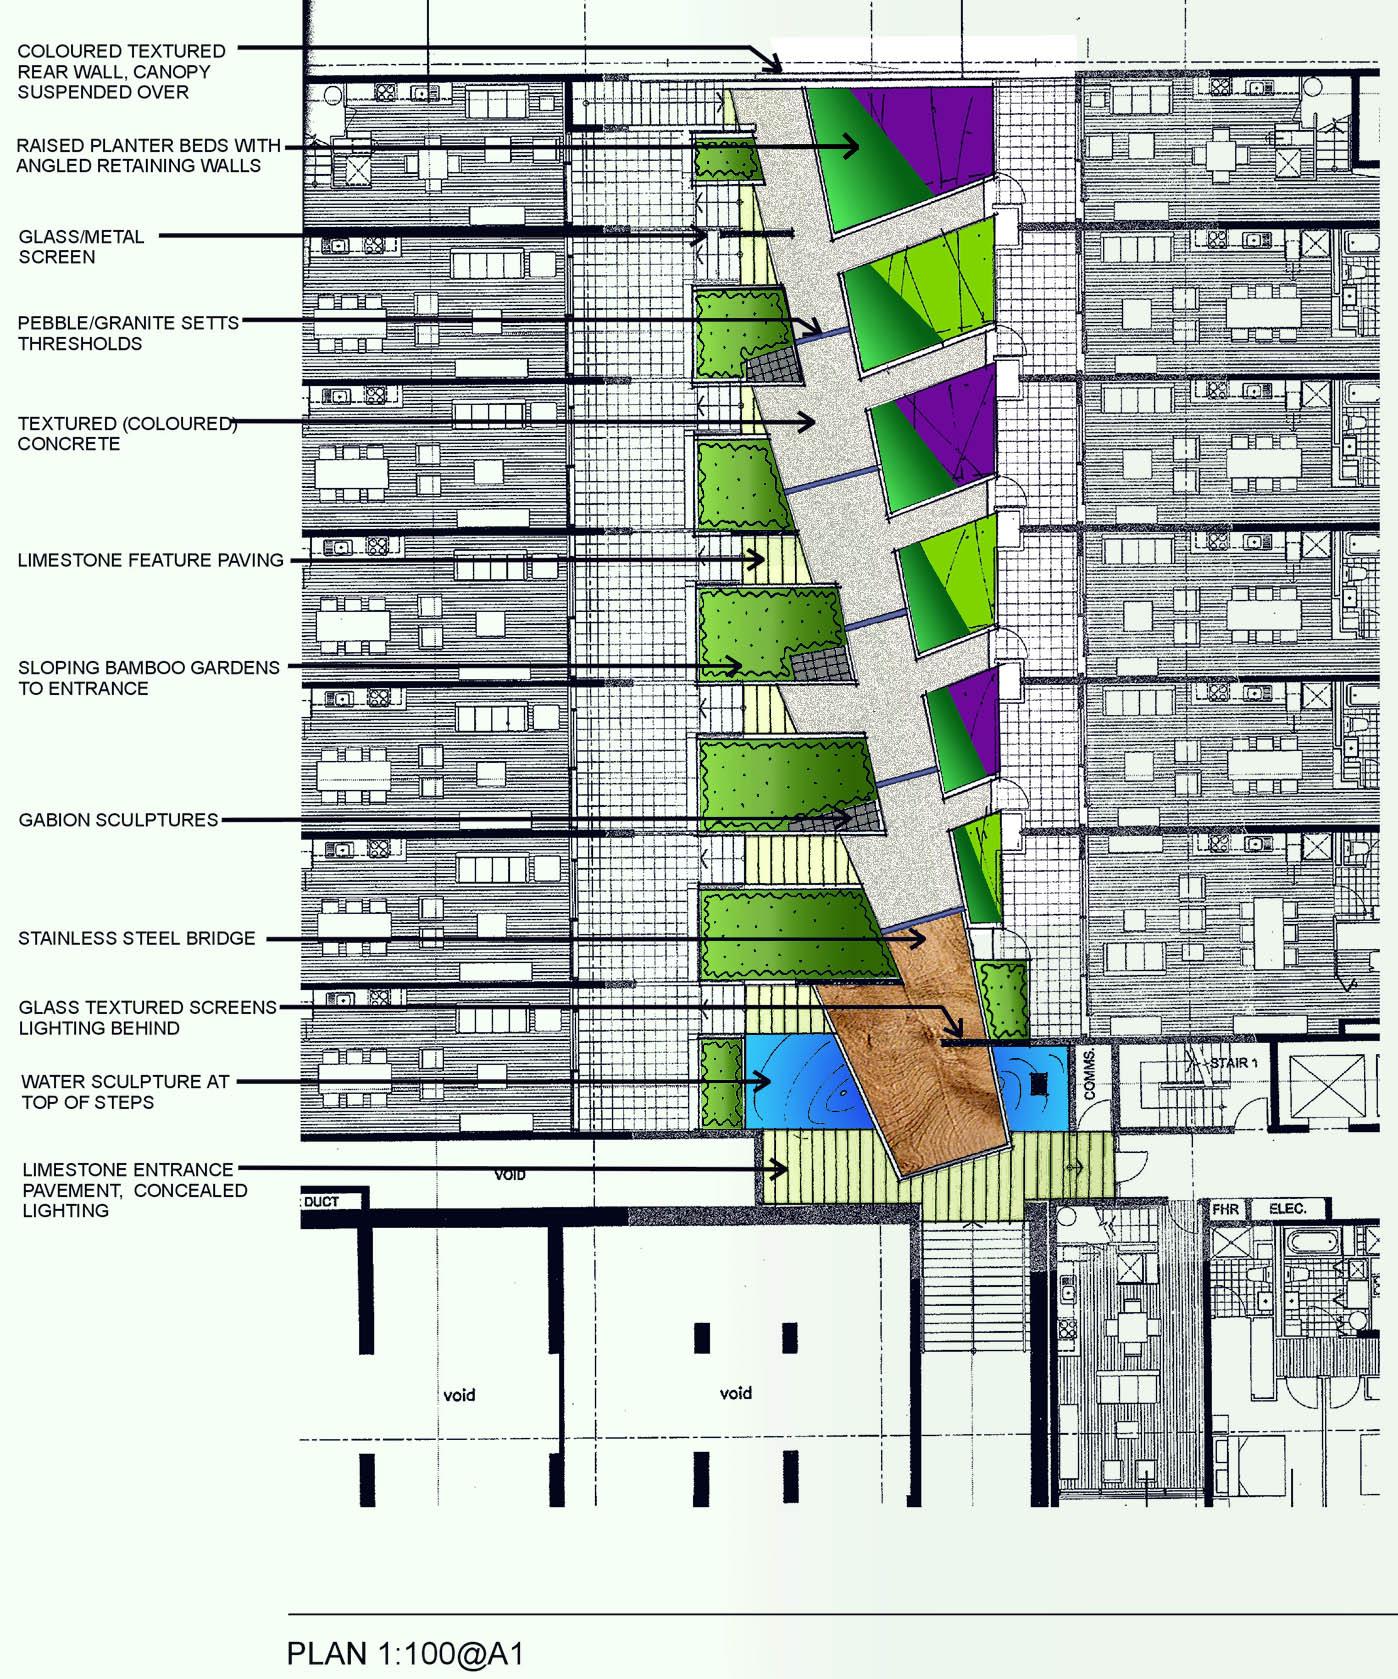 polaris Concept Plan copy.jpg